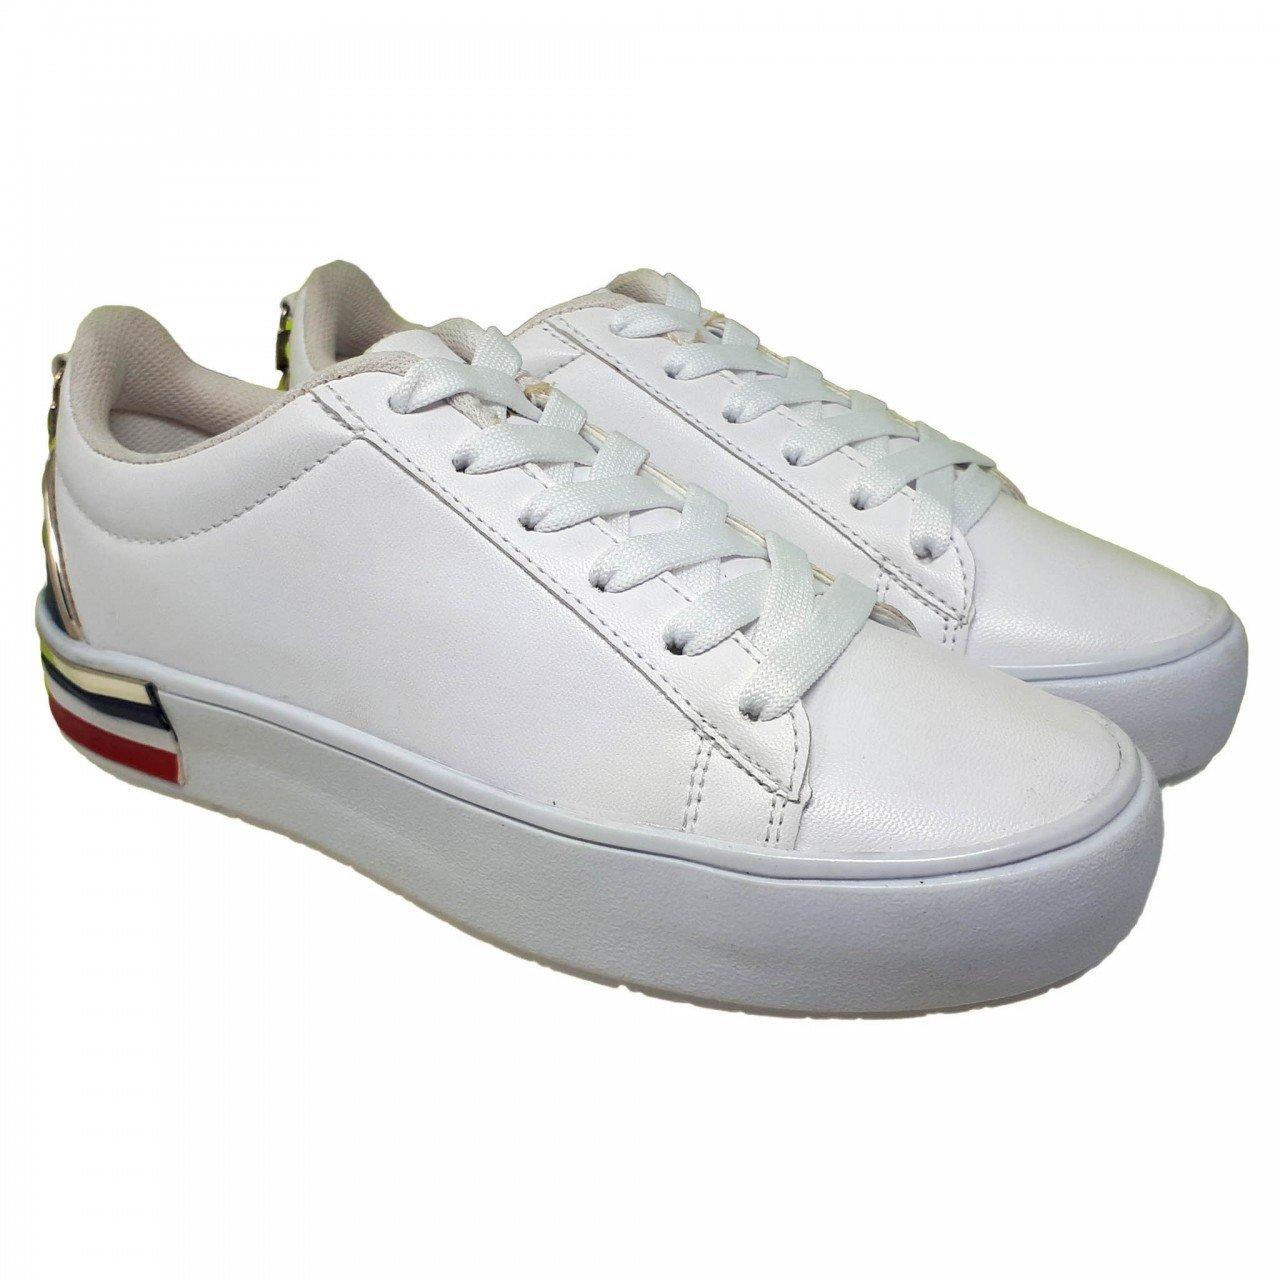 Tenis blanco para mujer Capa de ozono 60015101